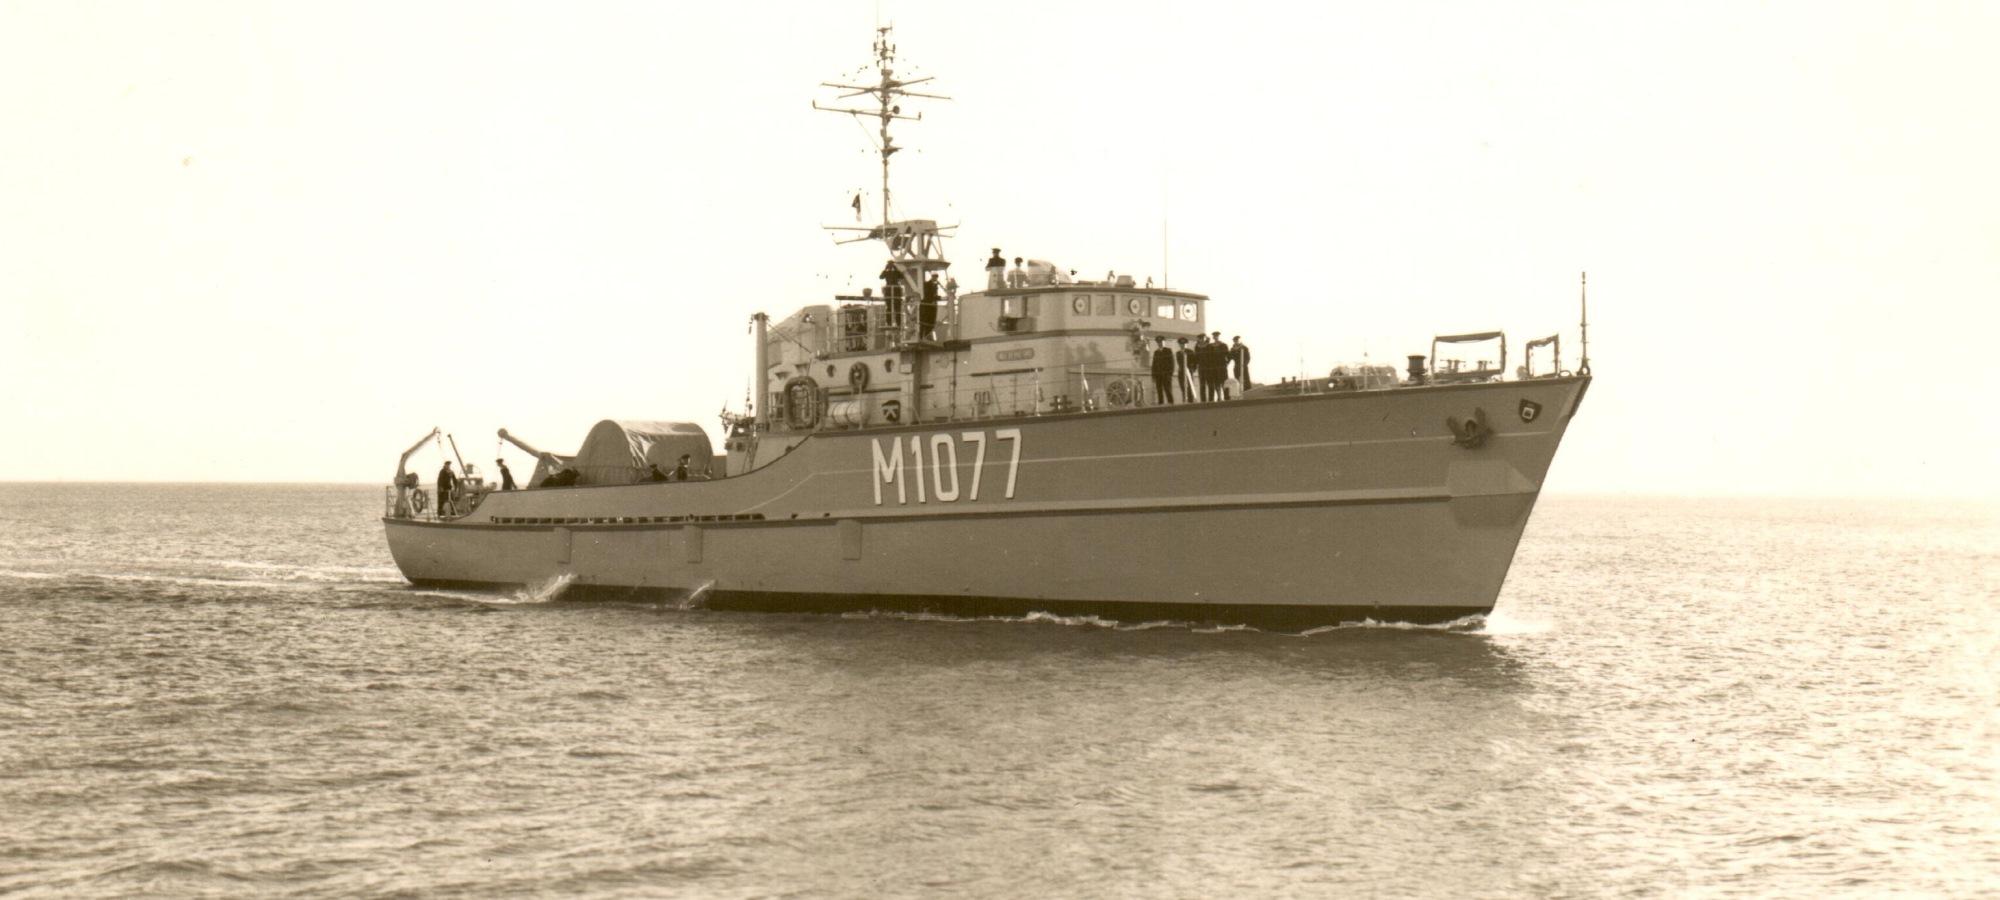 M1077 WEILHEIM in See (Unbekannter Fotograf/ Slg Deutsches Marinemuseum)